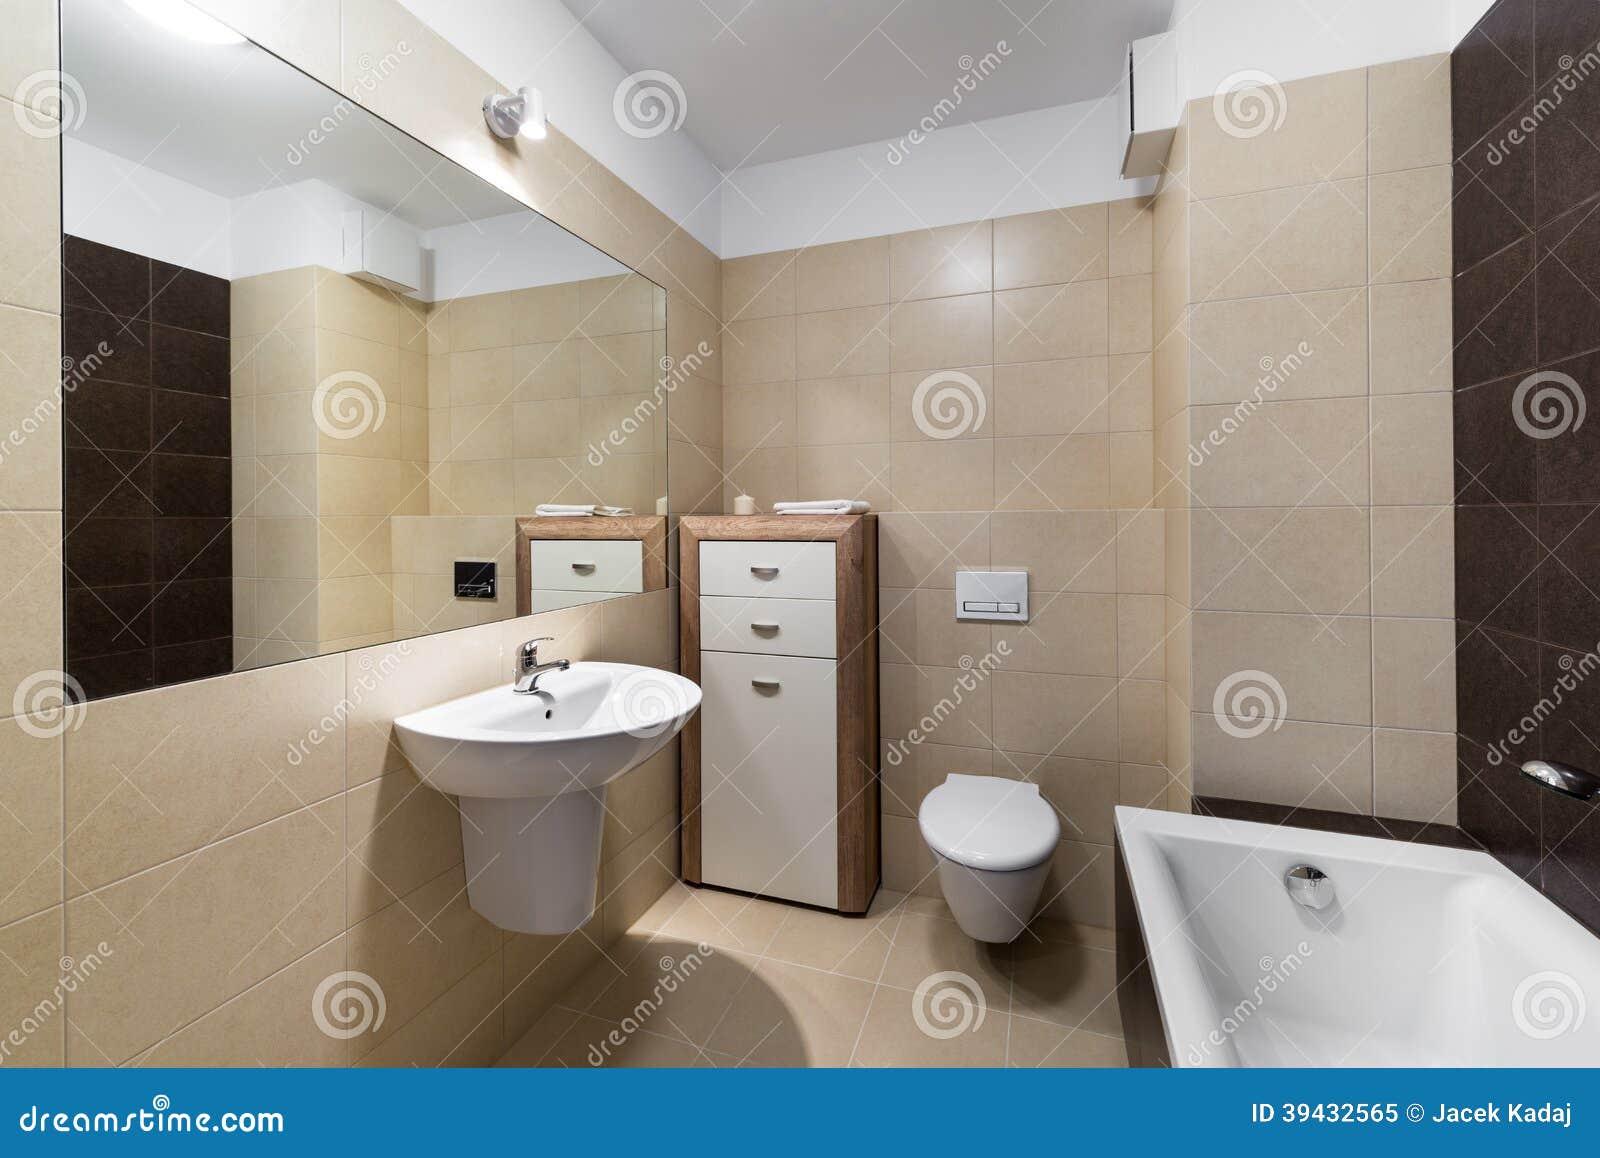 Design De Interiores Moderno Do Banheiro Foto de Stock Imagem  #83A328 1300 958